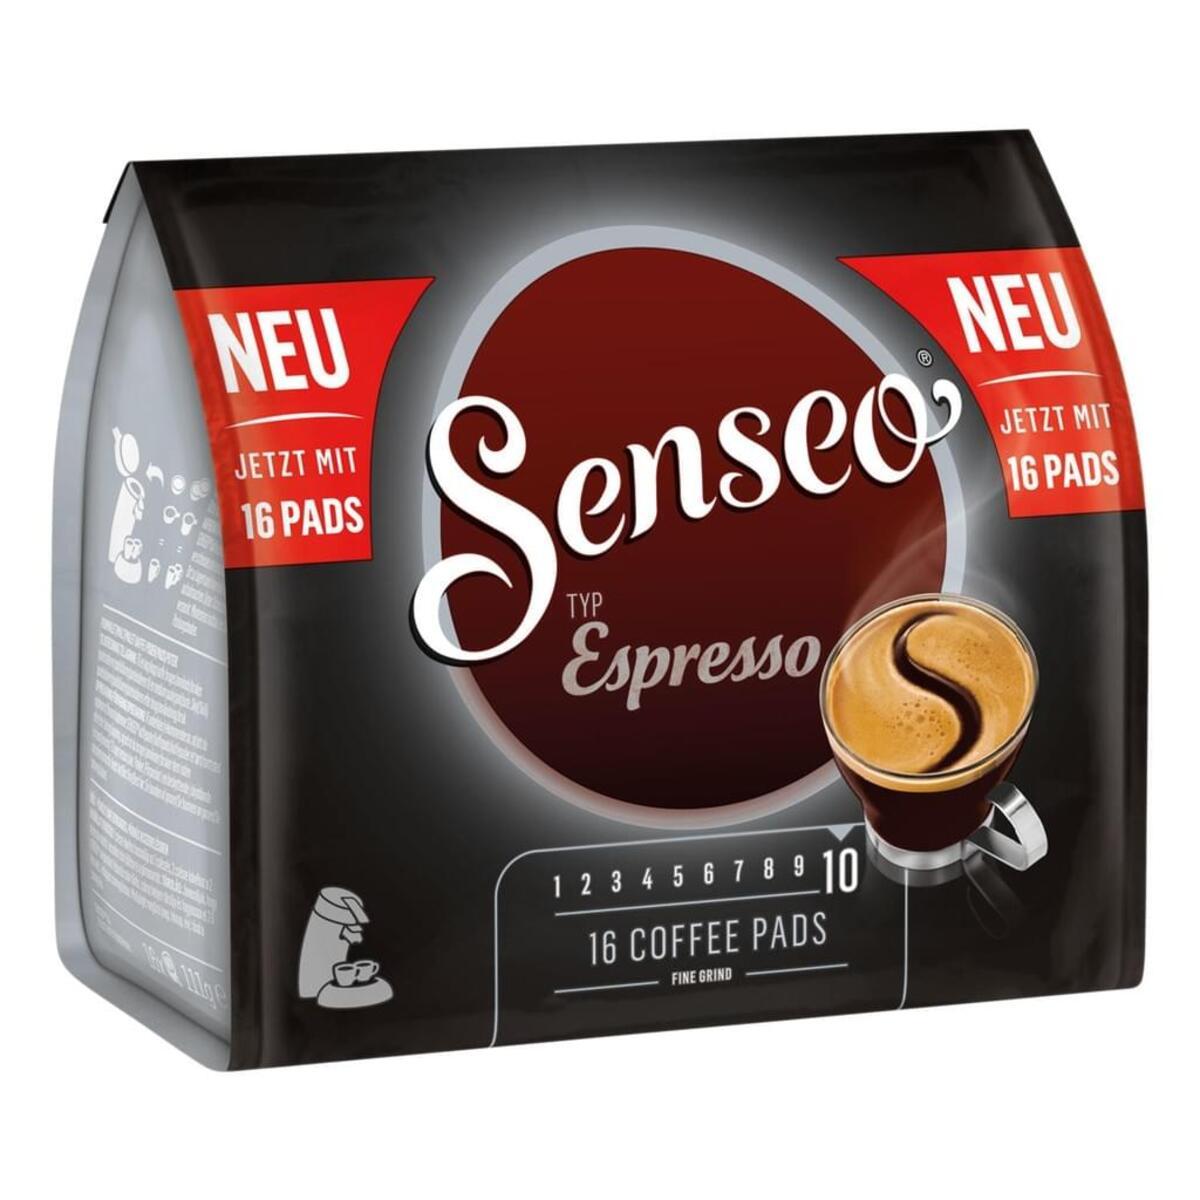 Bild 2 von Senseo Typ Espresso, Kaffeepads, Aromatisch und Vollmundig, Röstkaffee, Kaffee, 16 Pads